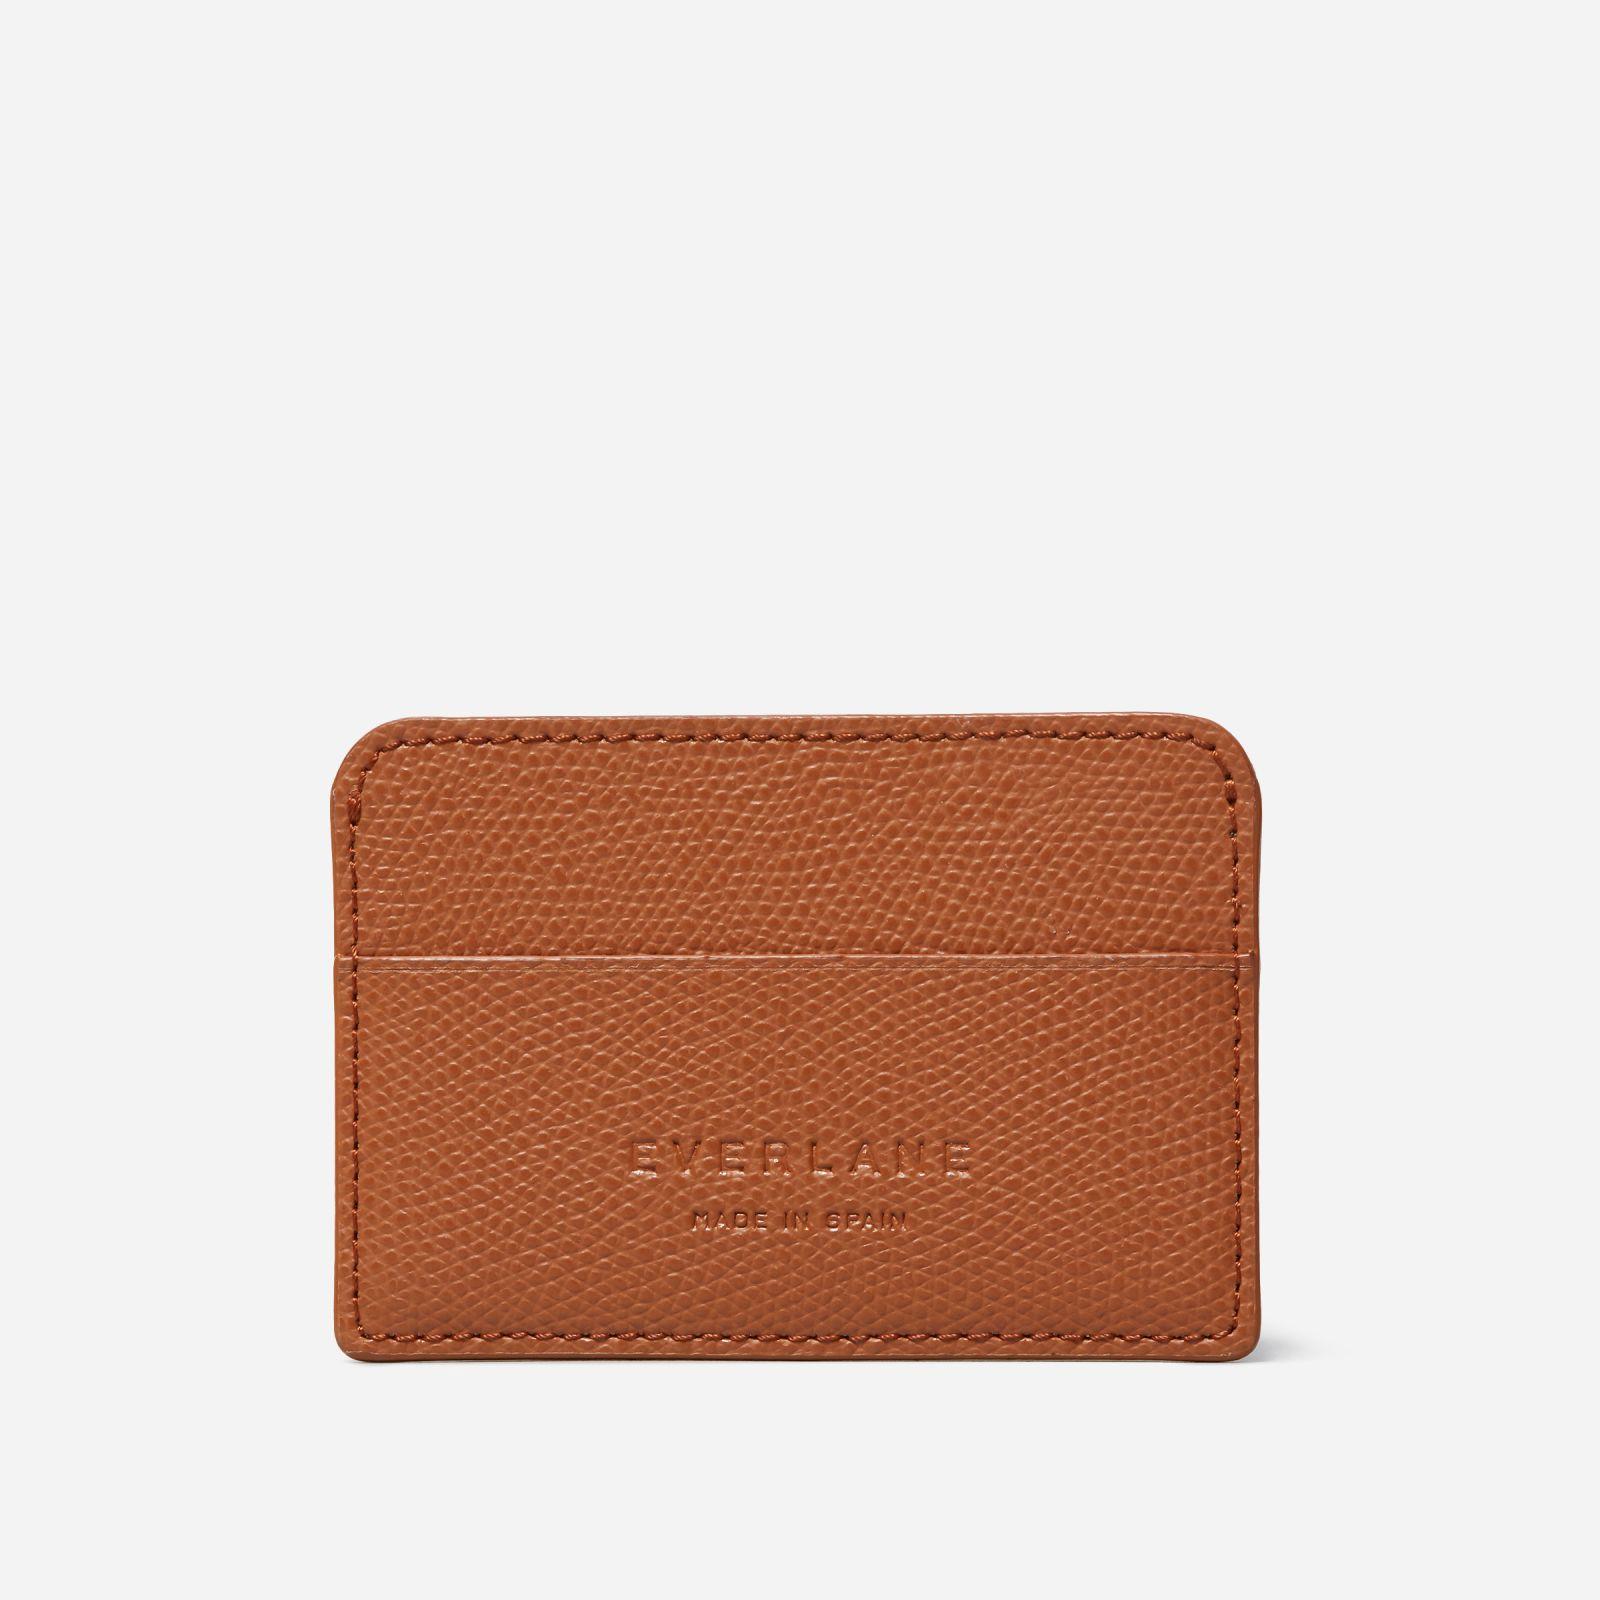 women's card case by everlane in cognac